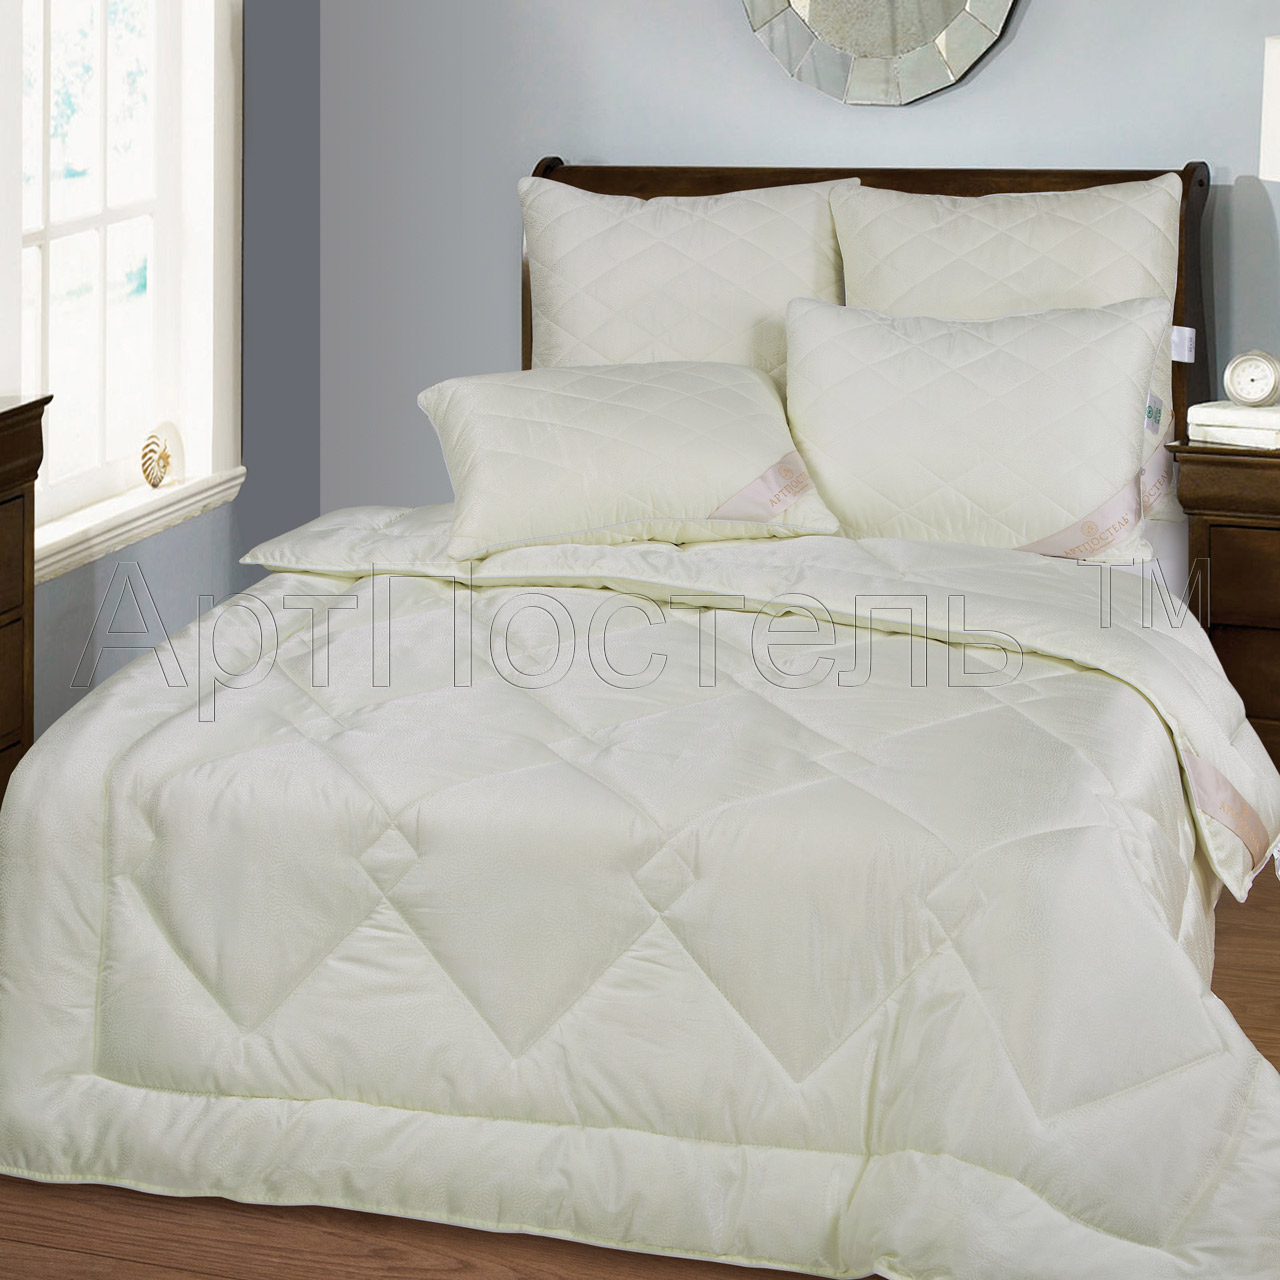 """Одеяло зимнее """"Приета"""" (кашемир, жаккард) 1,5 спальный (140*205)"""